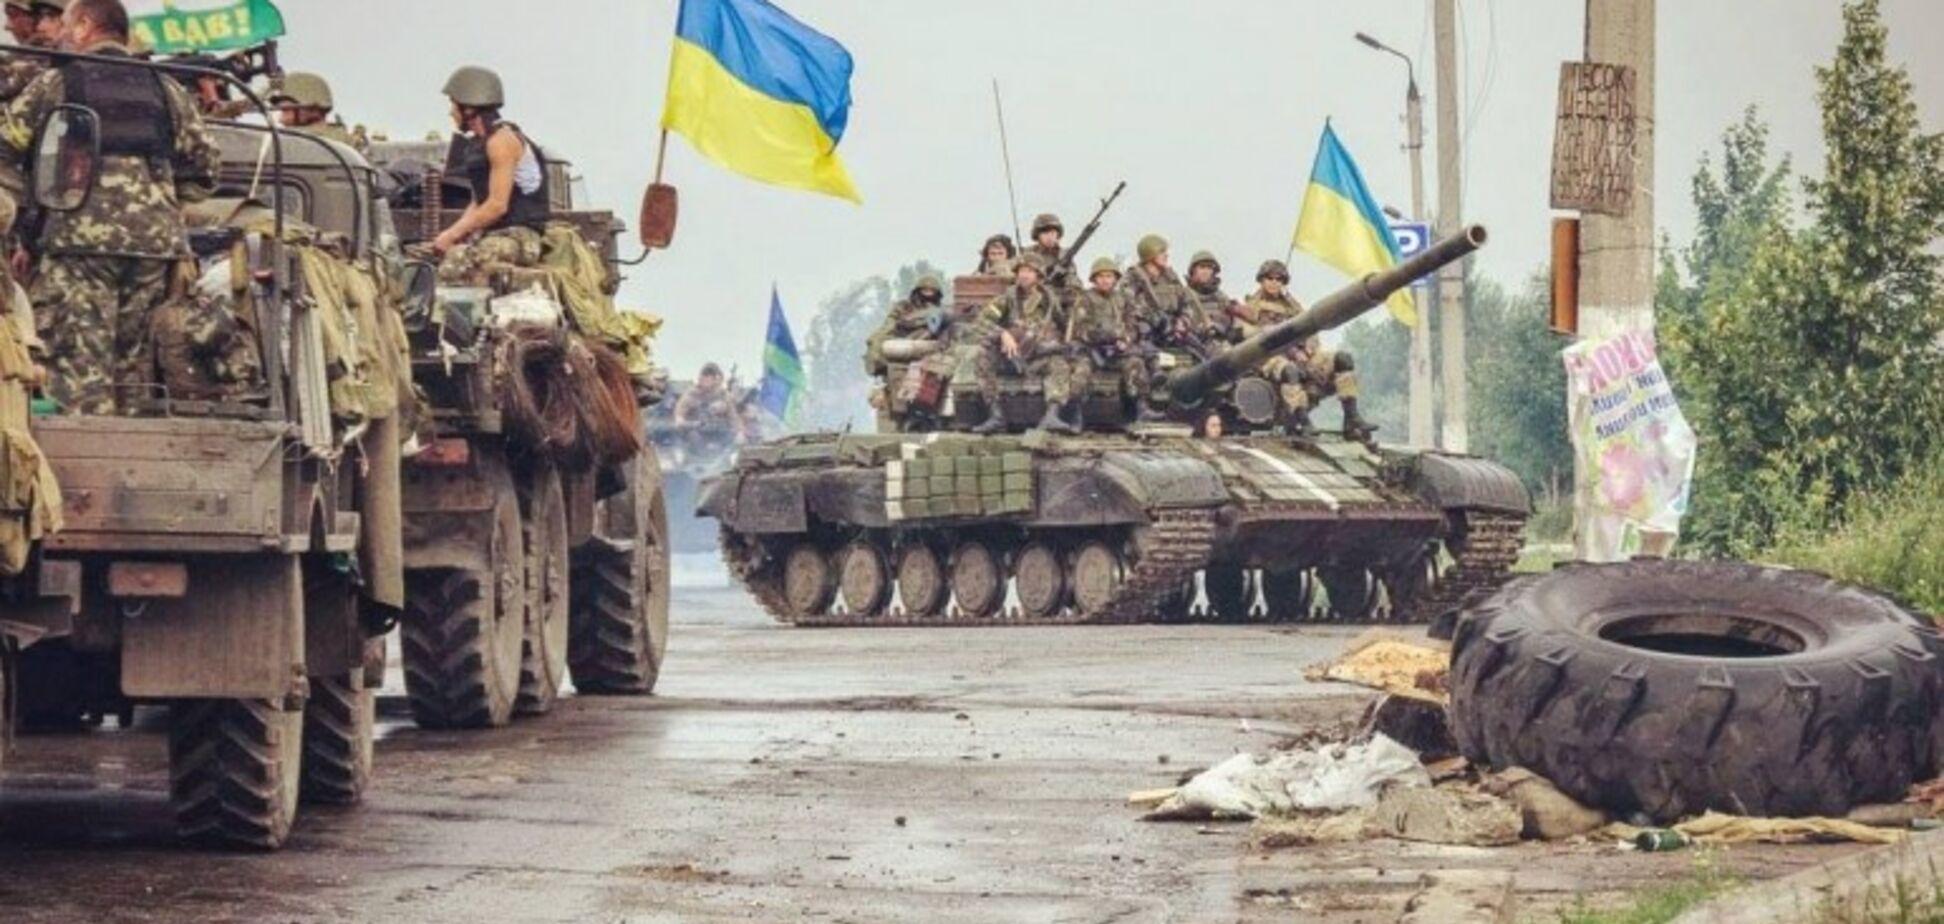 За Украину воюют пираты Сомали: бойцы ВСУ испугали террористов на Донбассе. Фотофакт